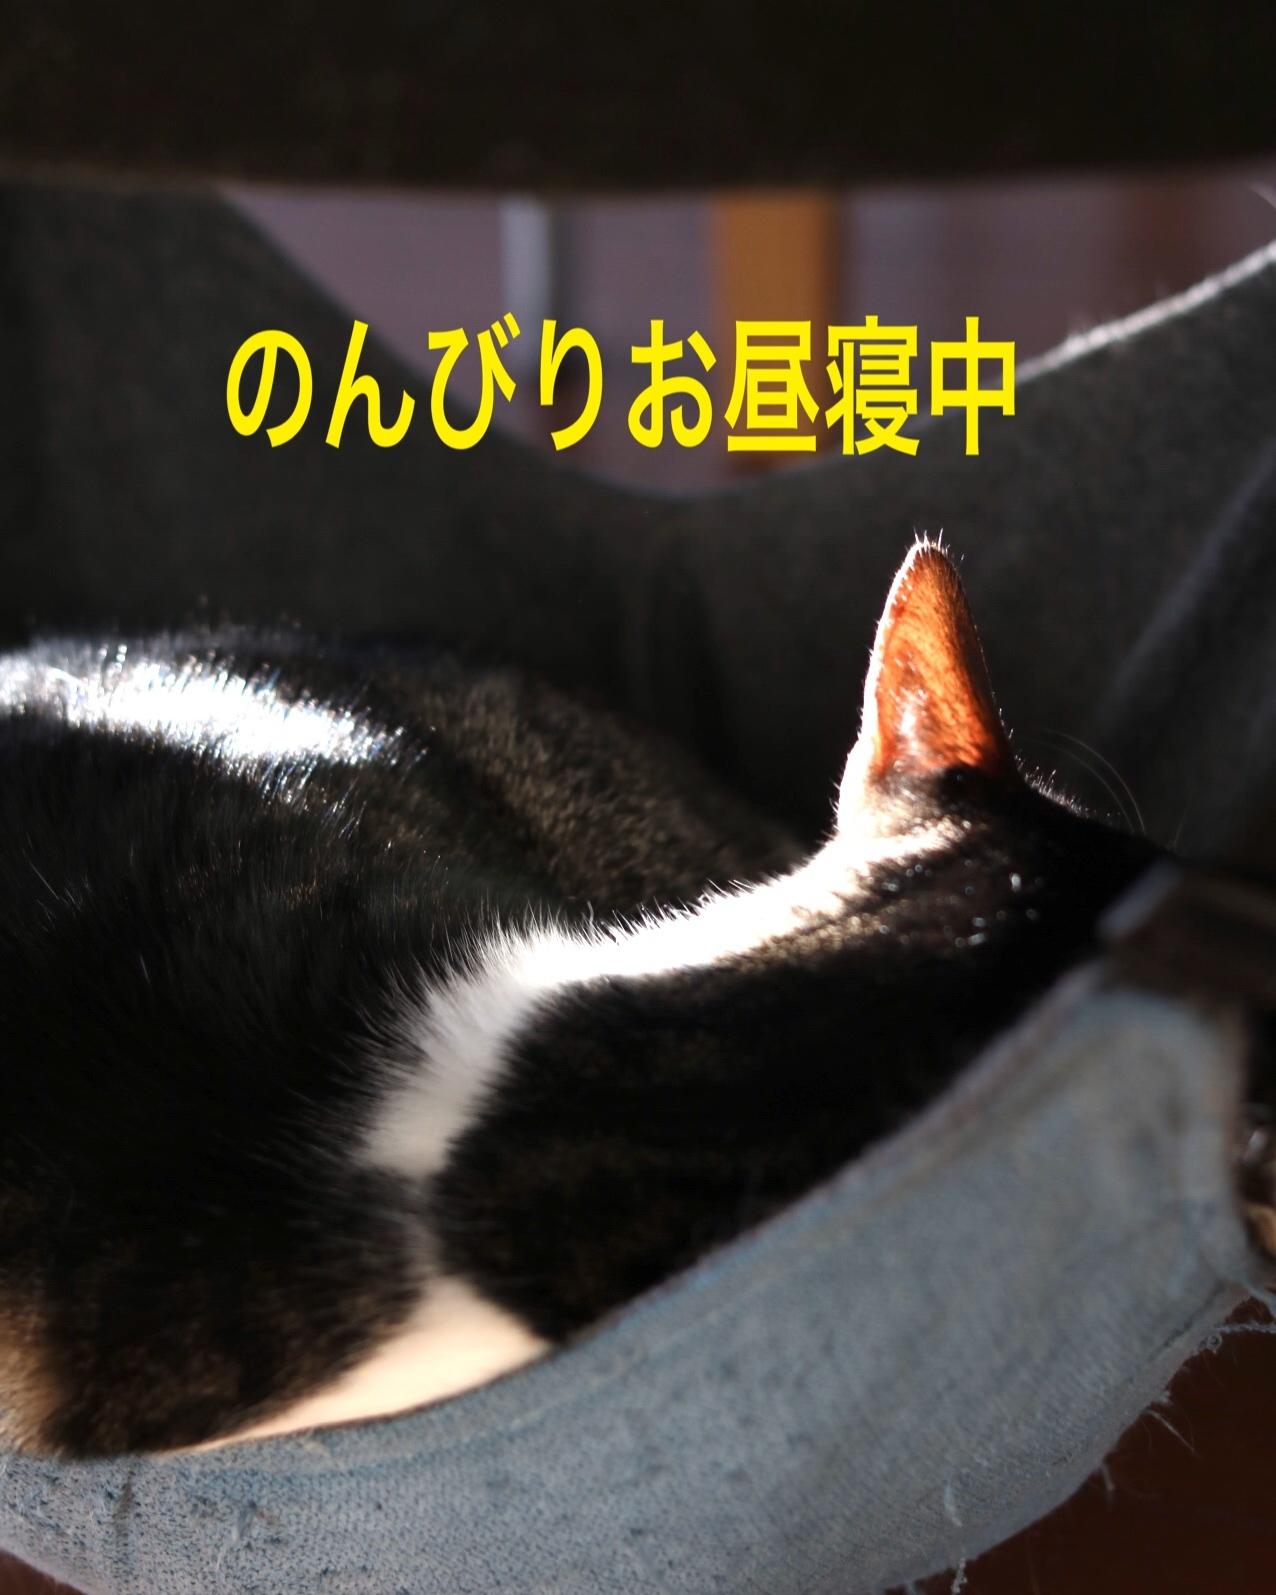 にゃんこ劇場「兄弟げんか」_c0366722_15573427.jpeg